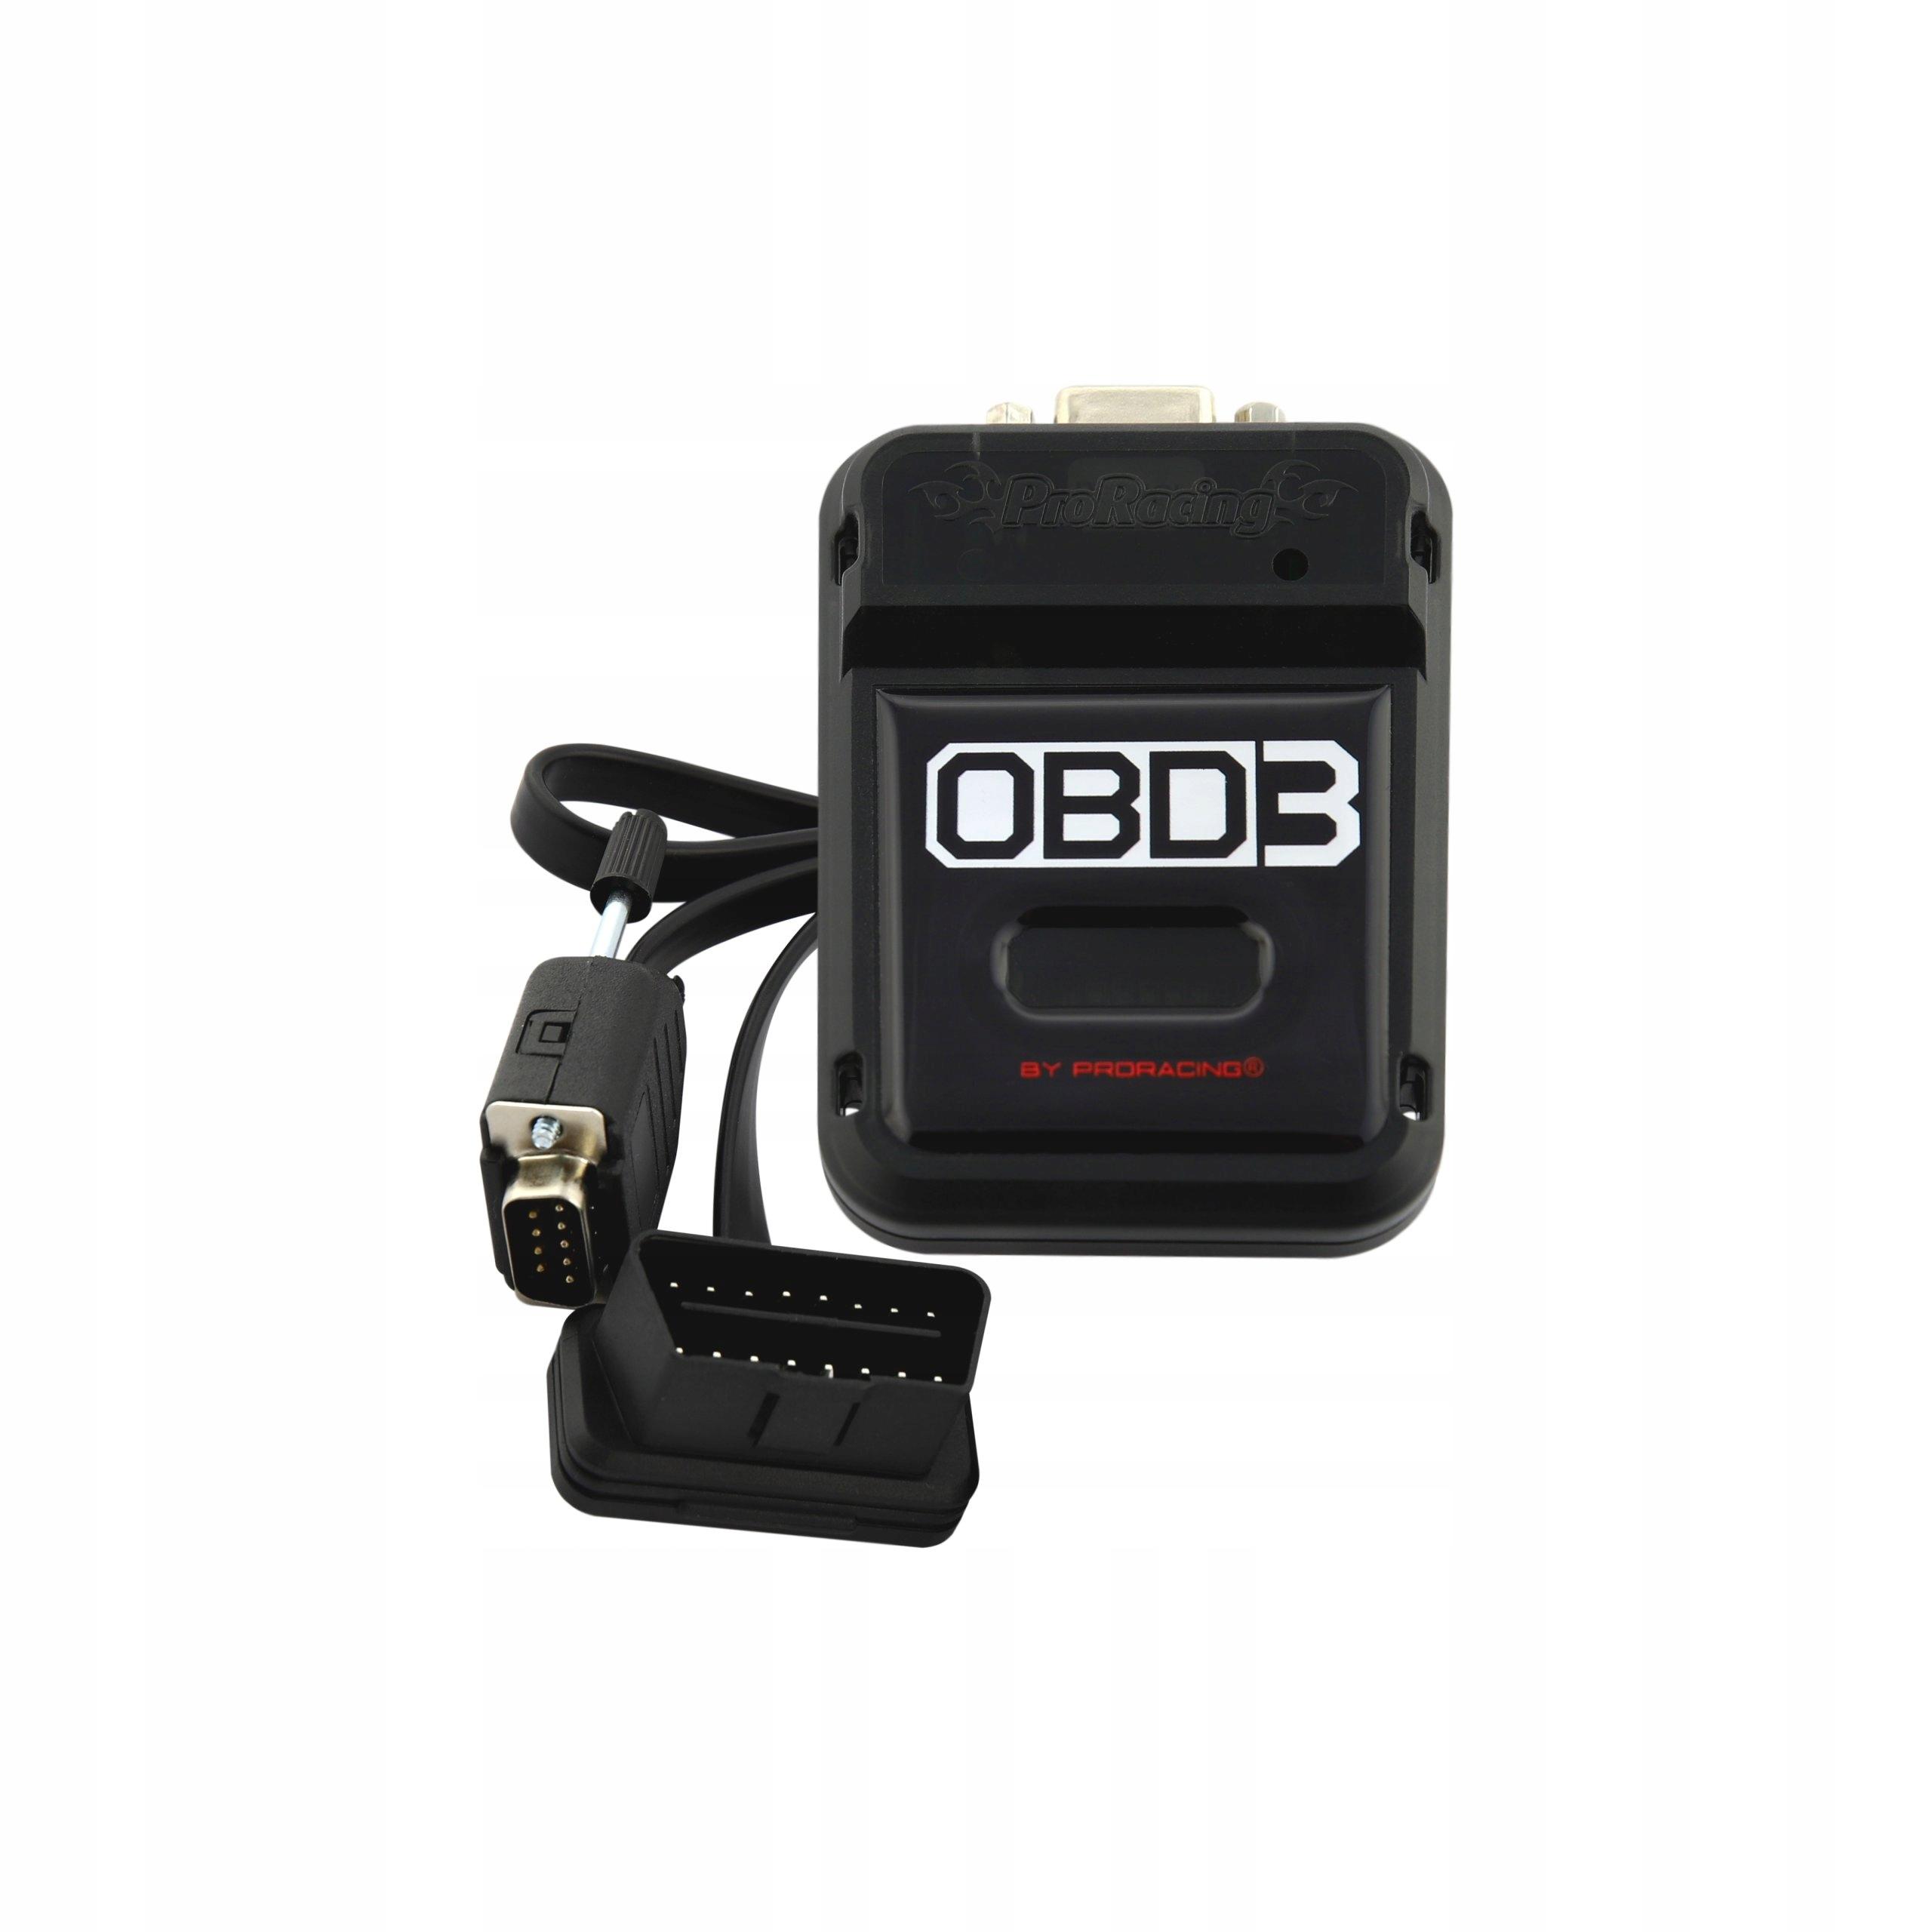 Chip OBD3 Mercedes Benz GLC 220 250 300 350 D - 7287528993